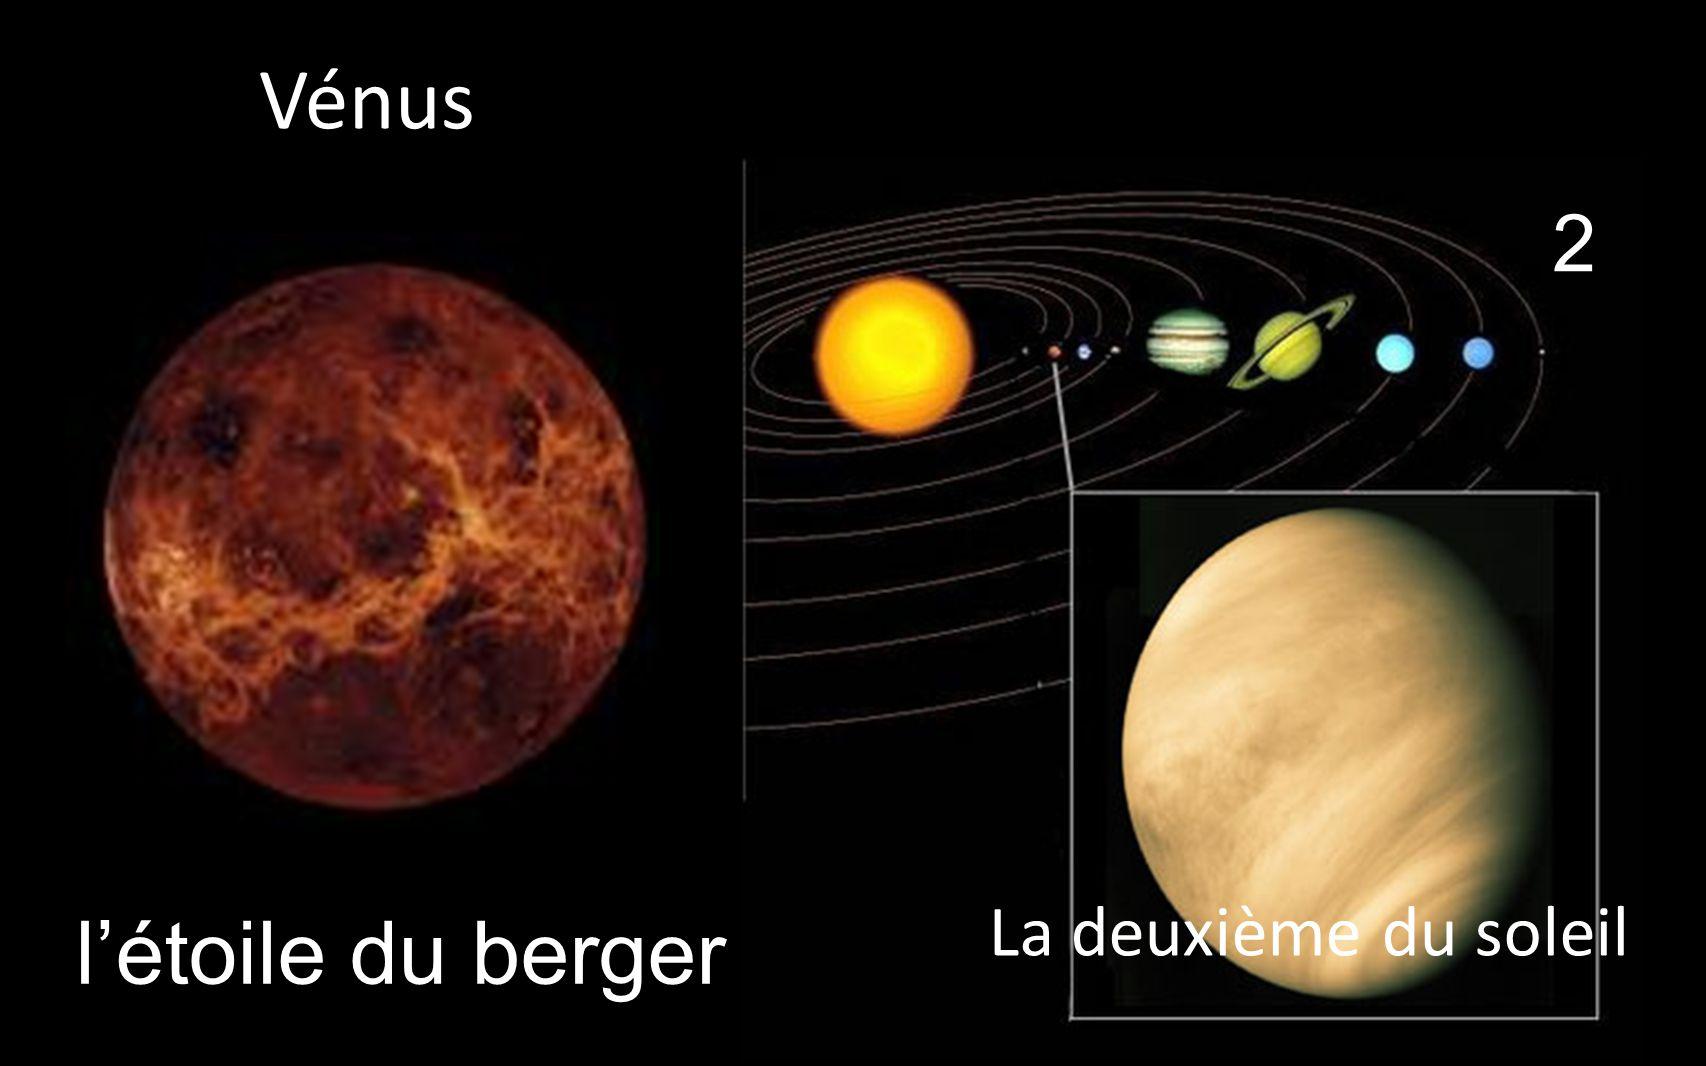 _ Vénus létoile du berger La deuxième du soleil 2